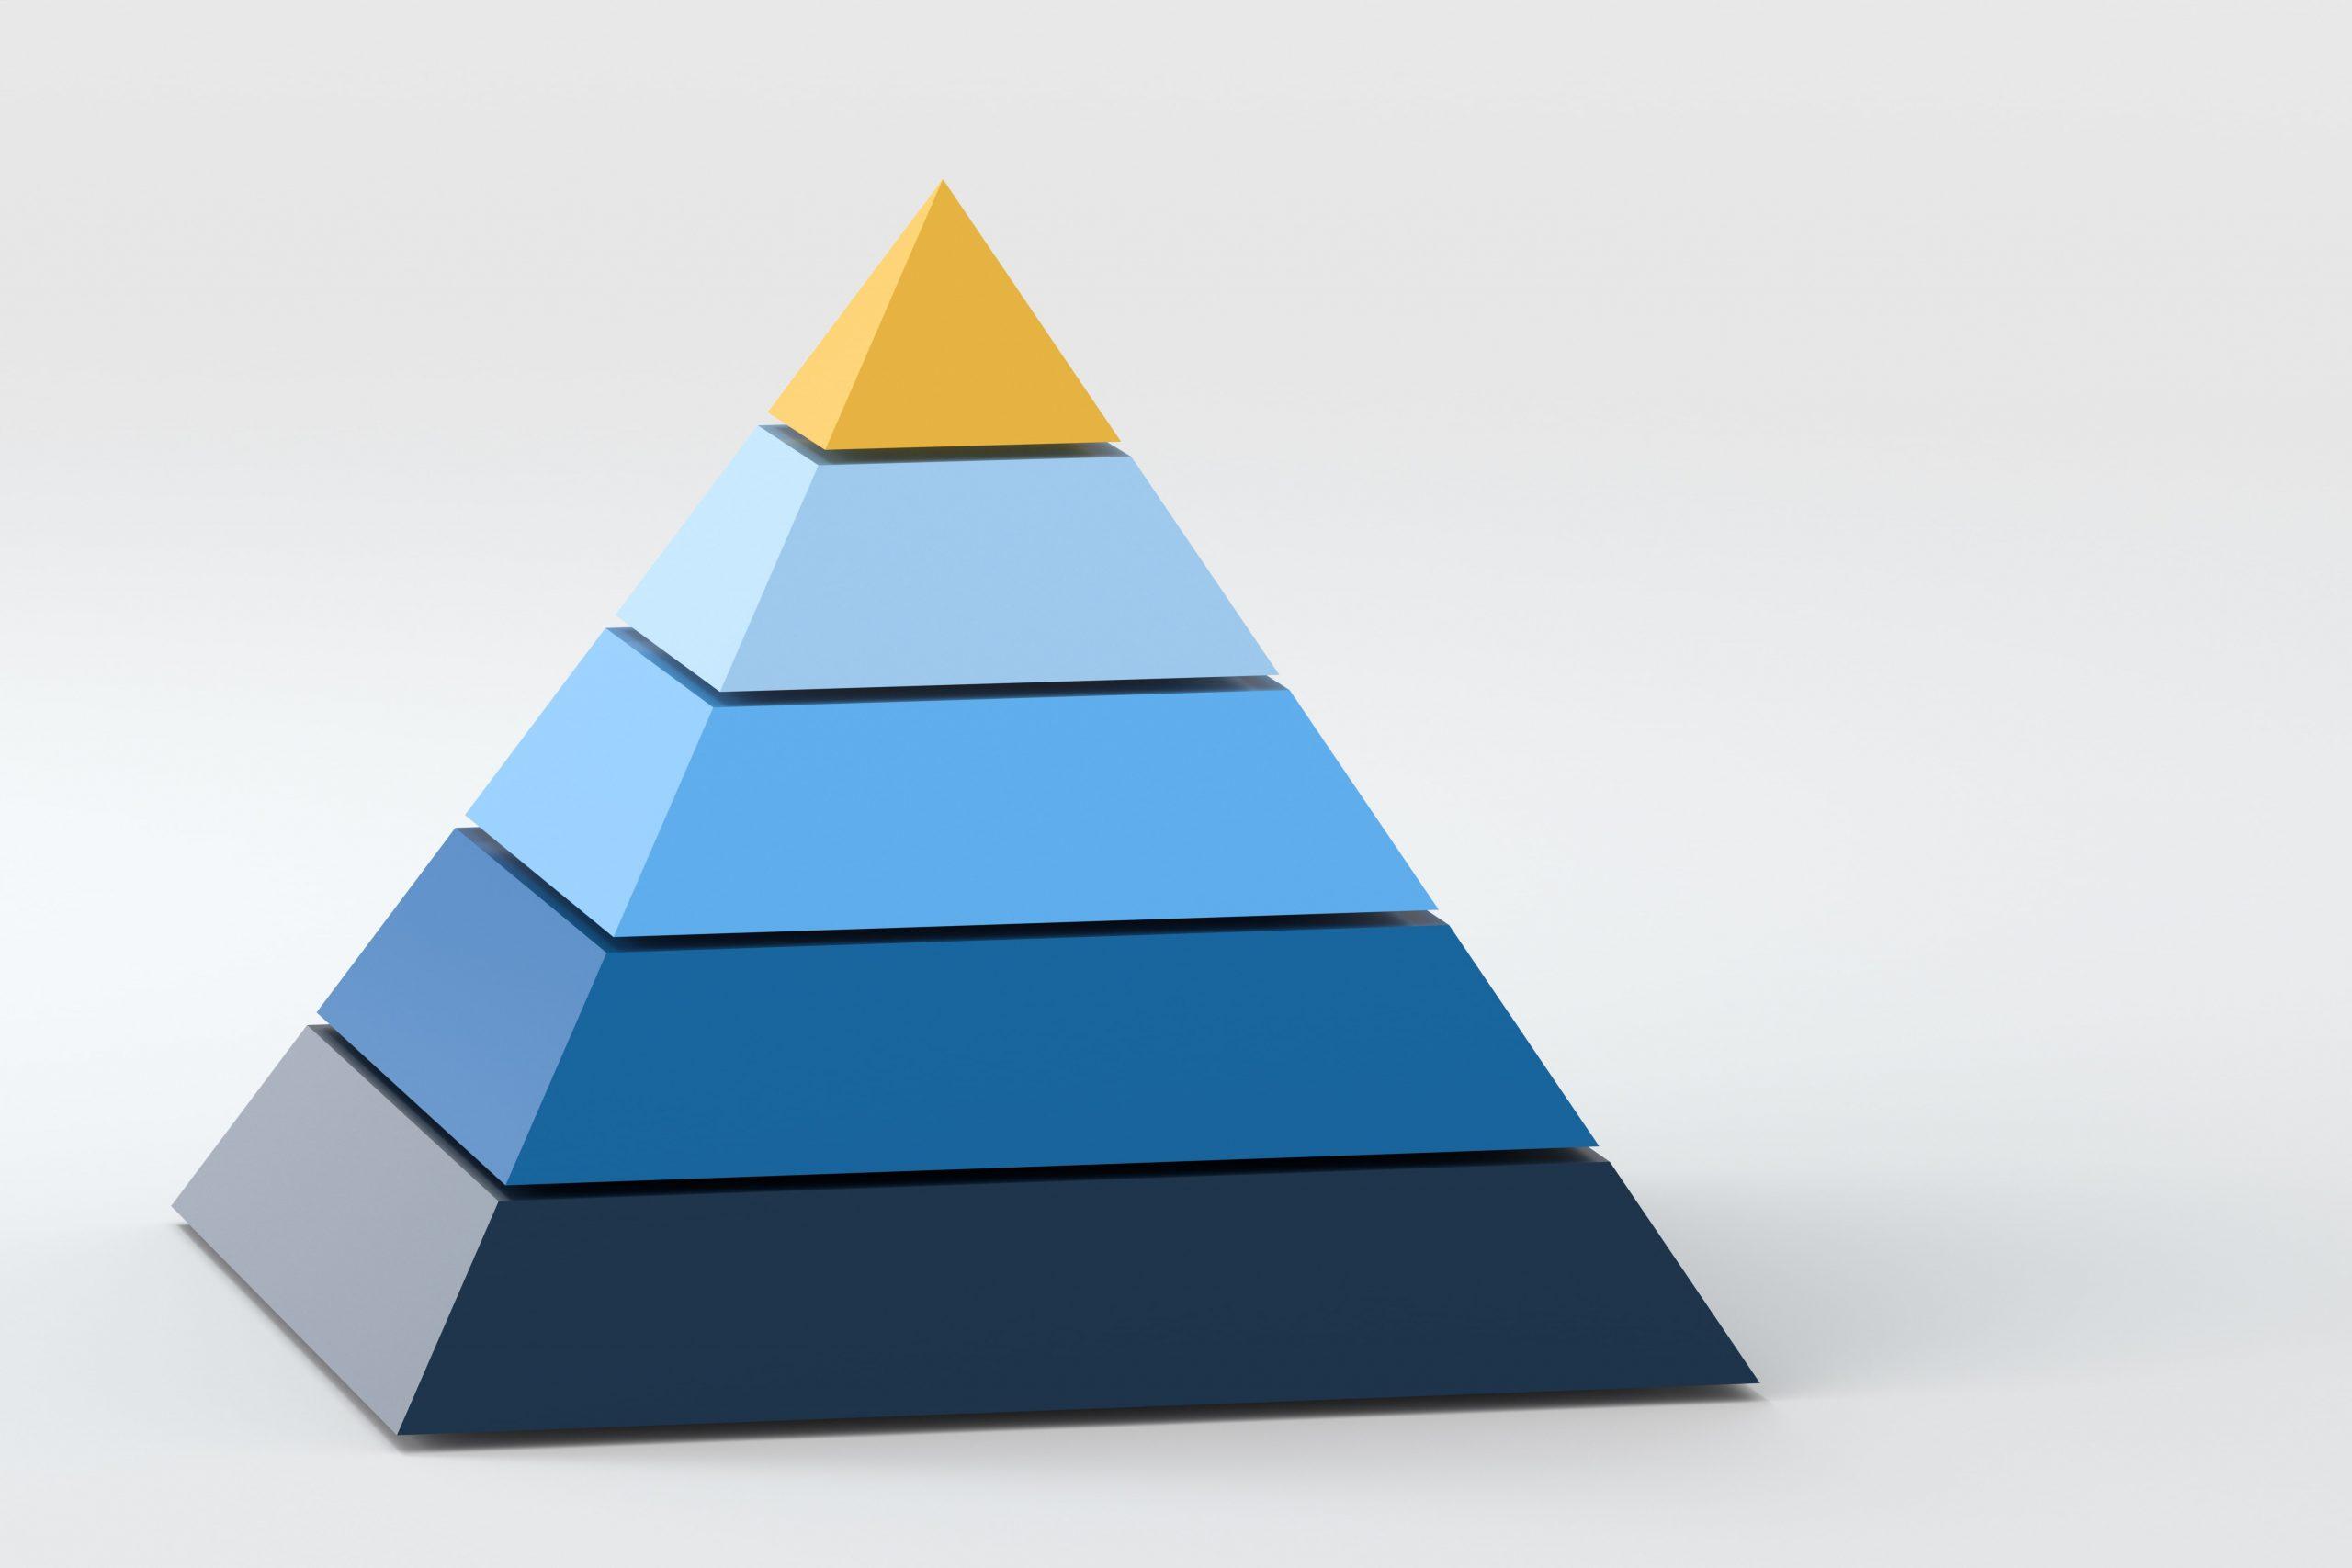 ピラミッド,ヒエラルキー